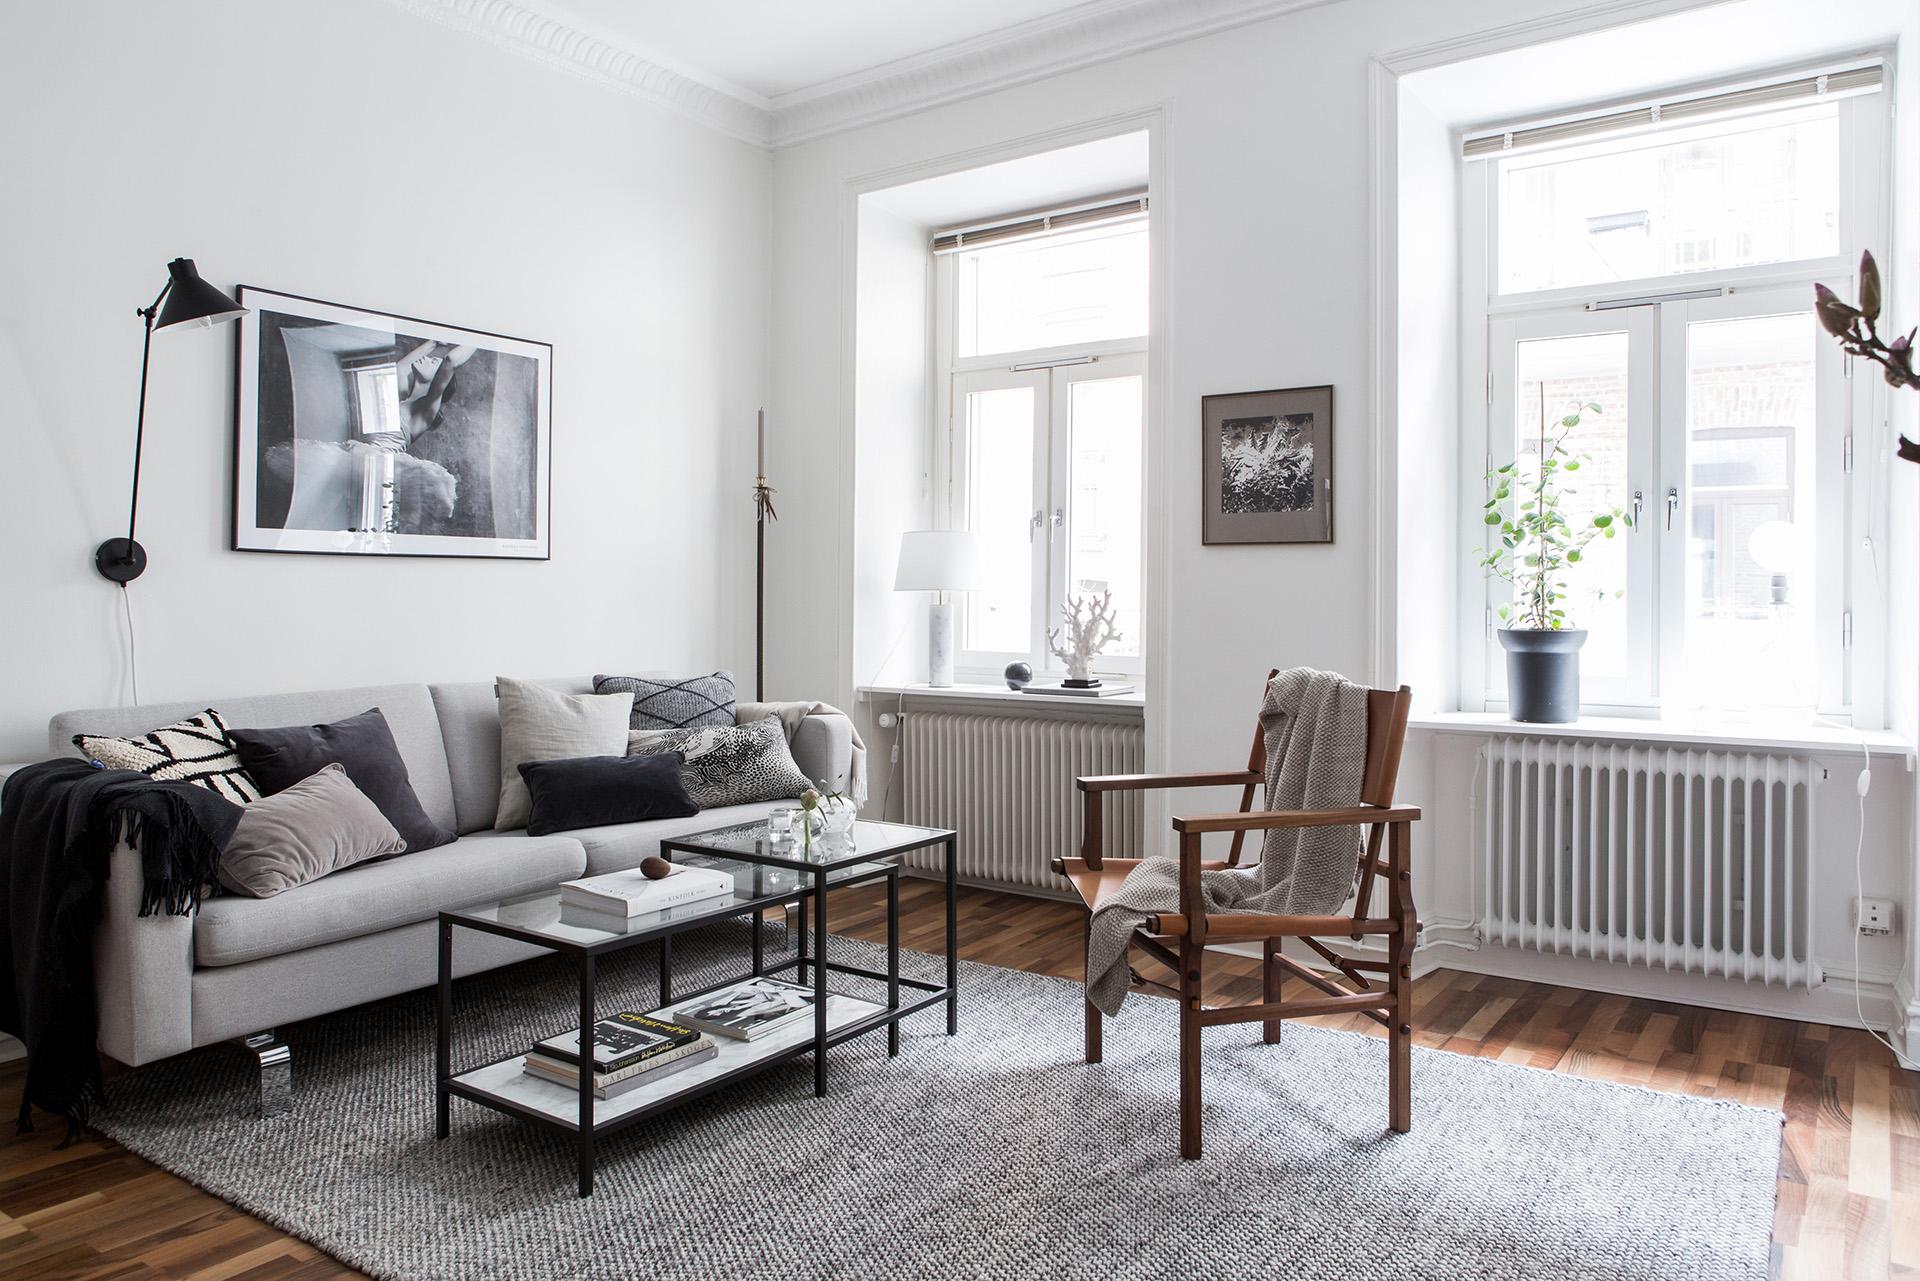 woonkamer-klein-appartement